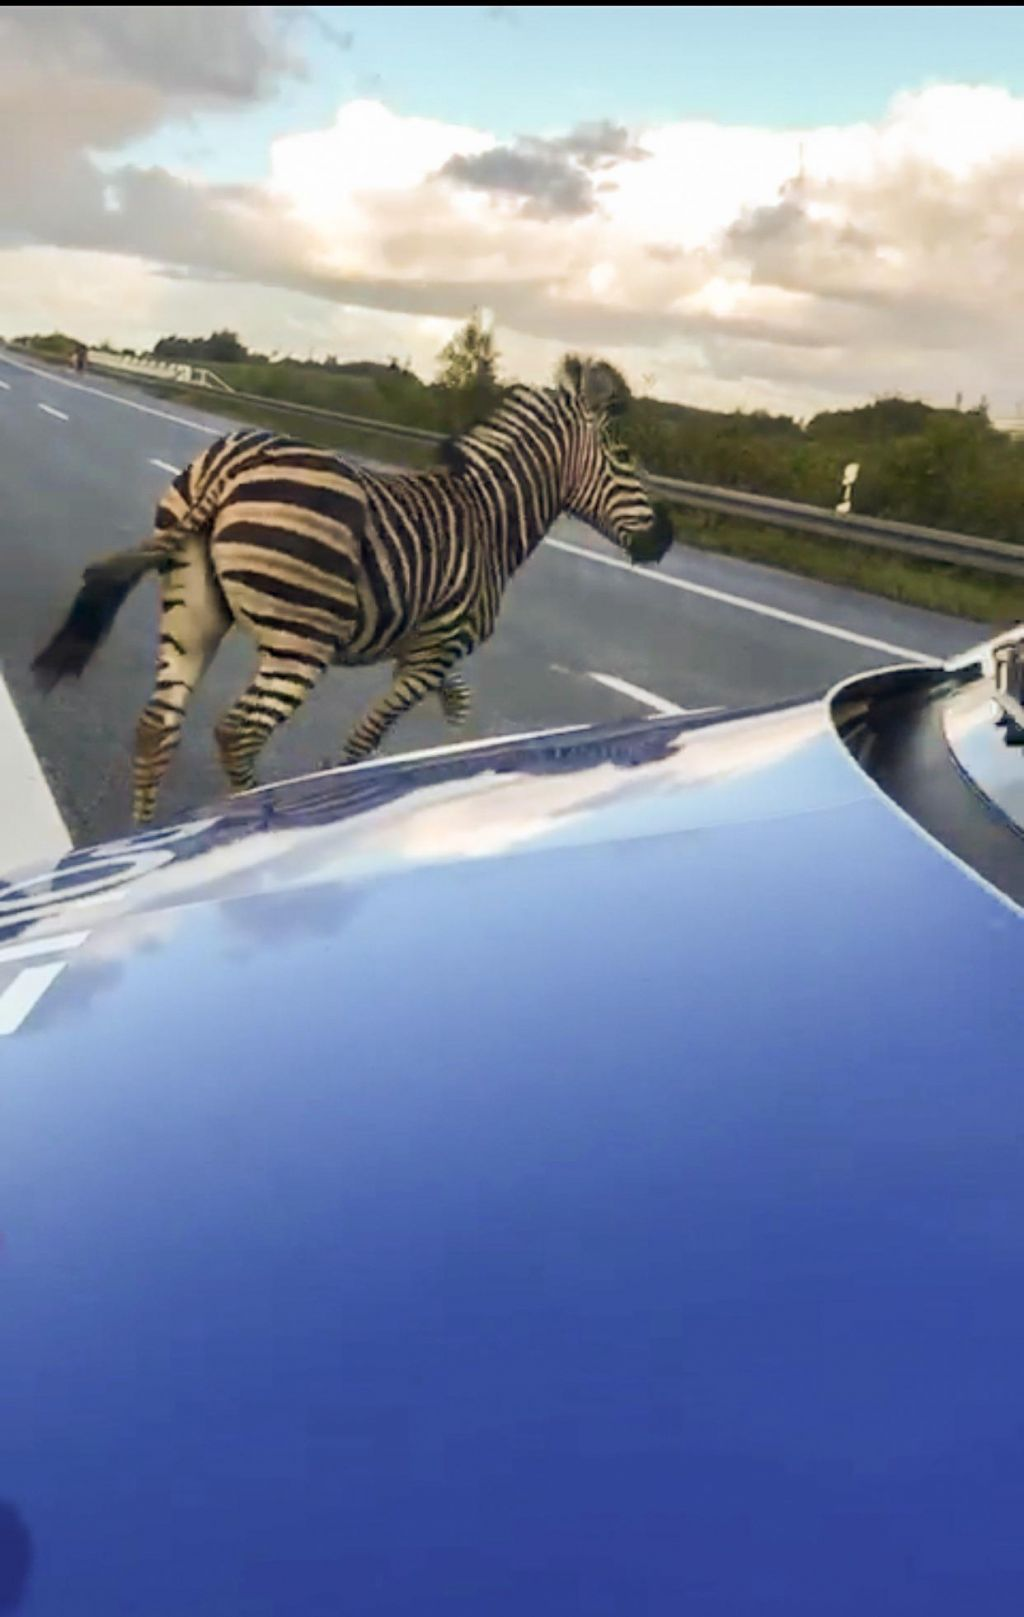 Zebra ušla na avtocesto, policisti so jo ustrelili